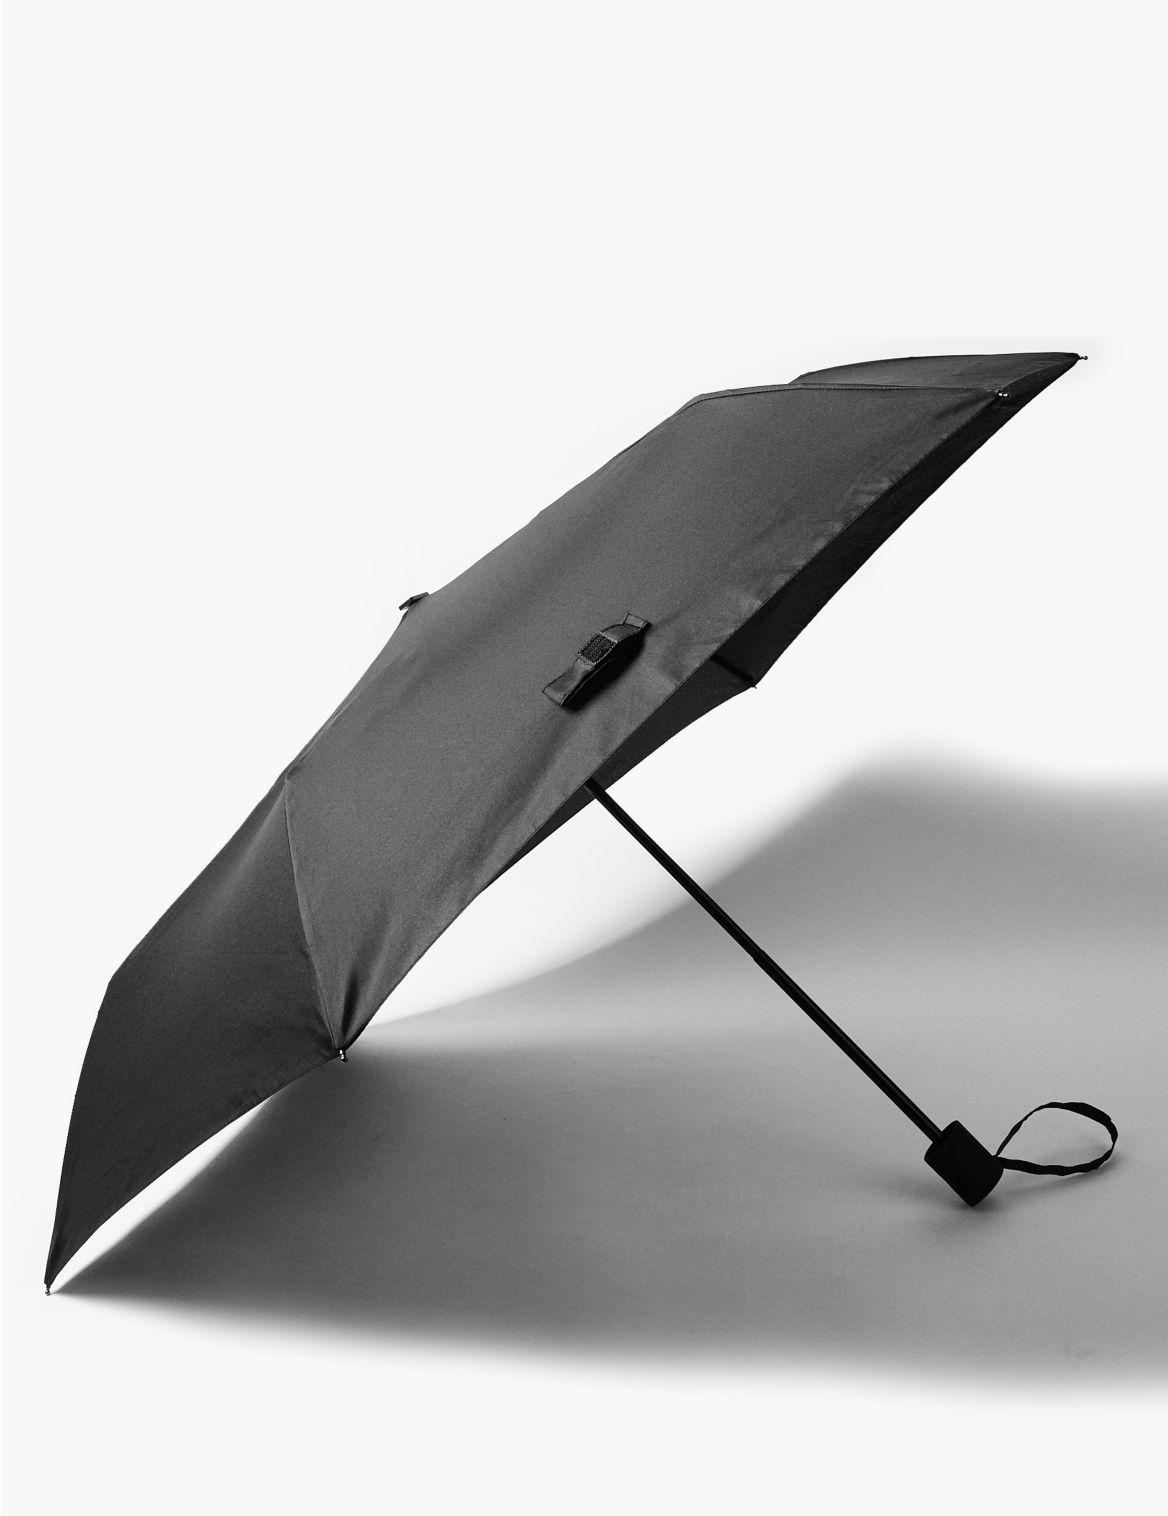 Parapluie pour attaché-case, doté des technologies Stormwear™ et Windtech™